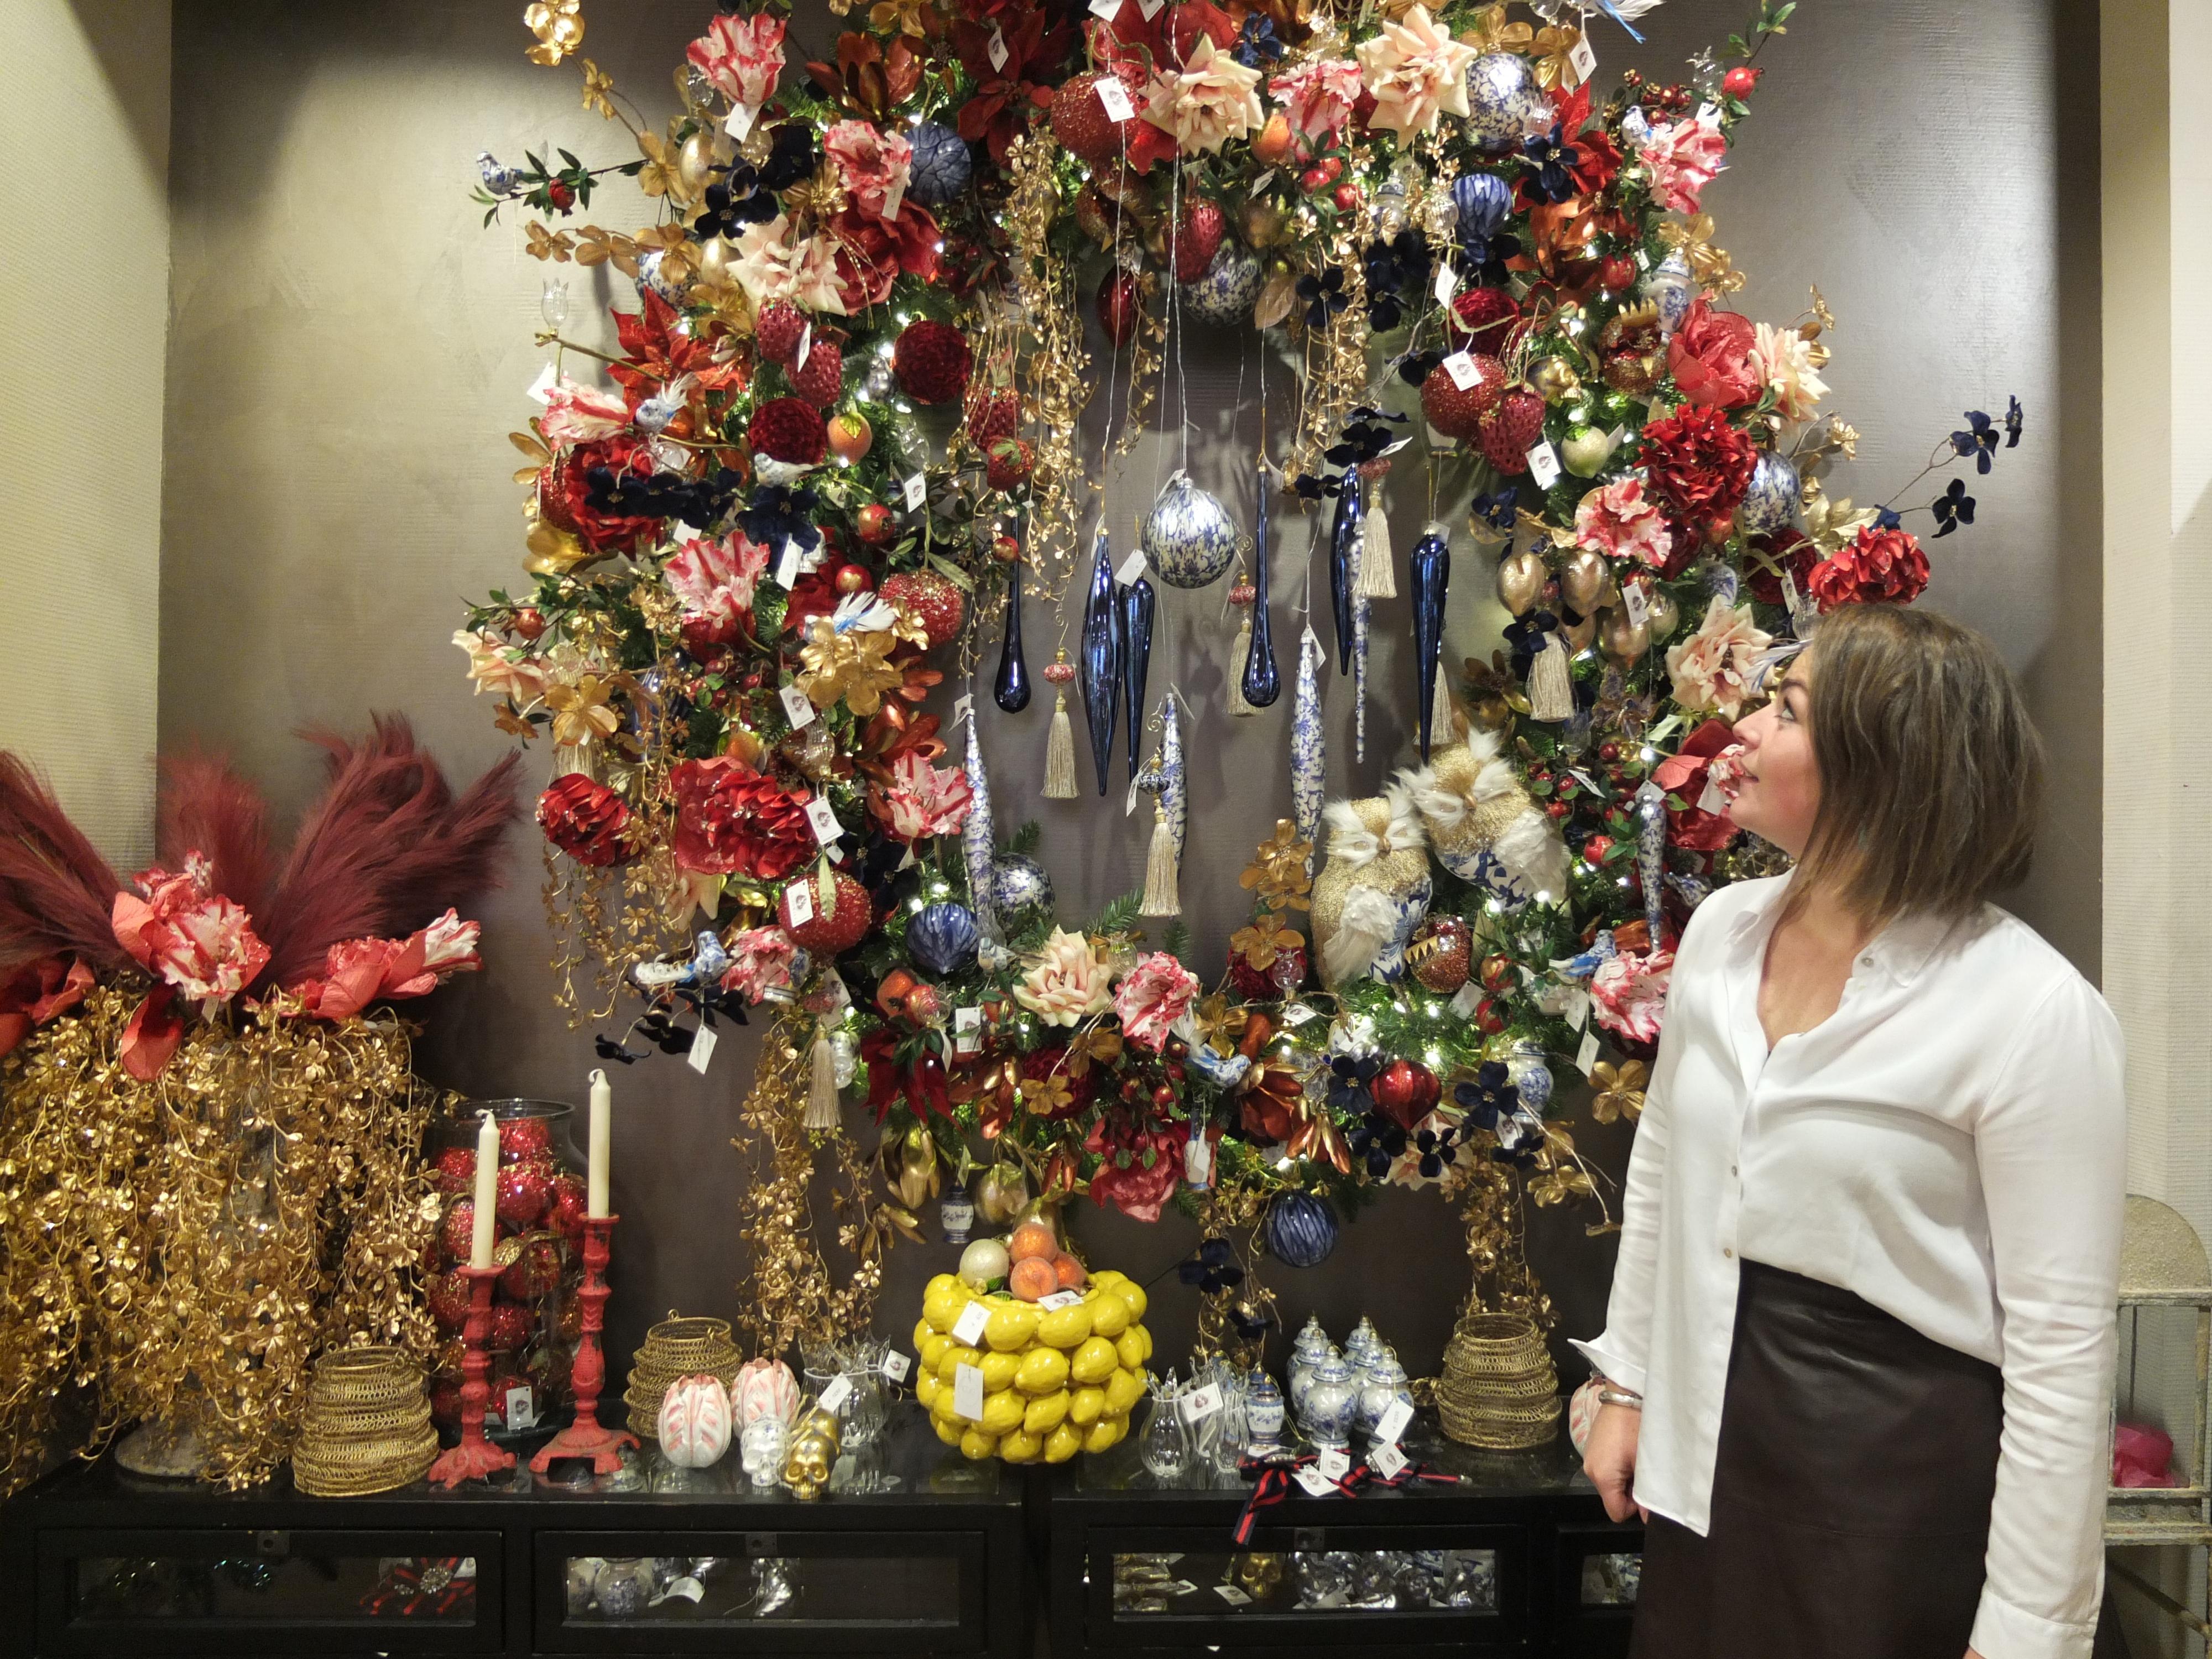 Shoppen: Snoepwinkel voor de kerstliefhebber